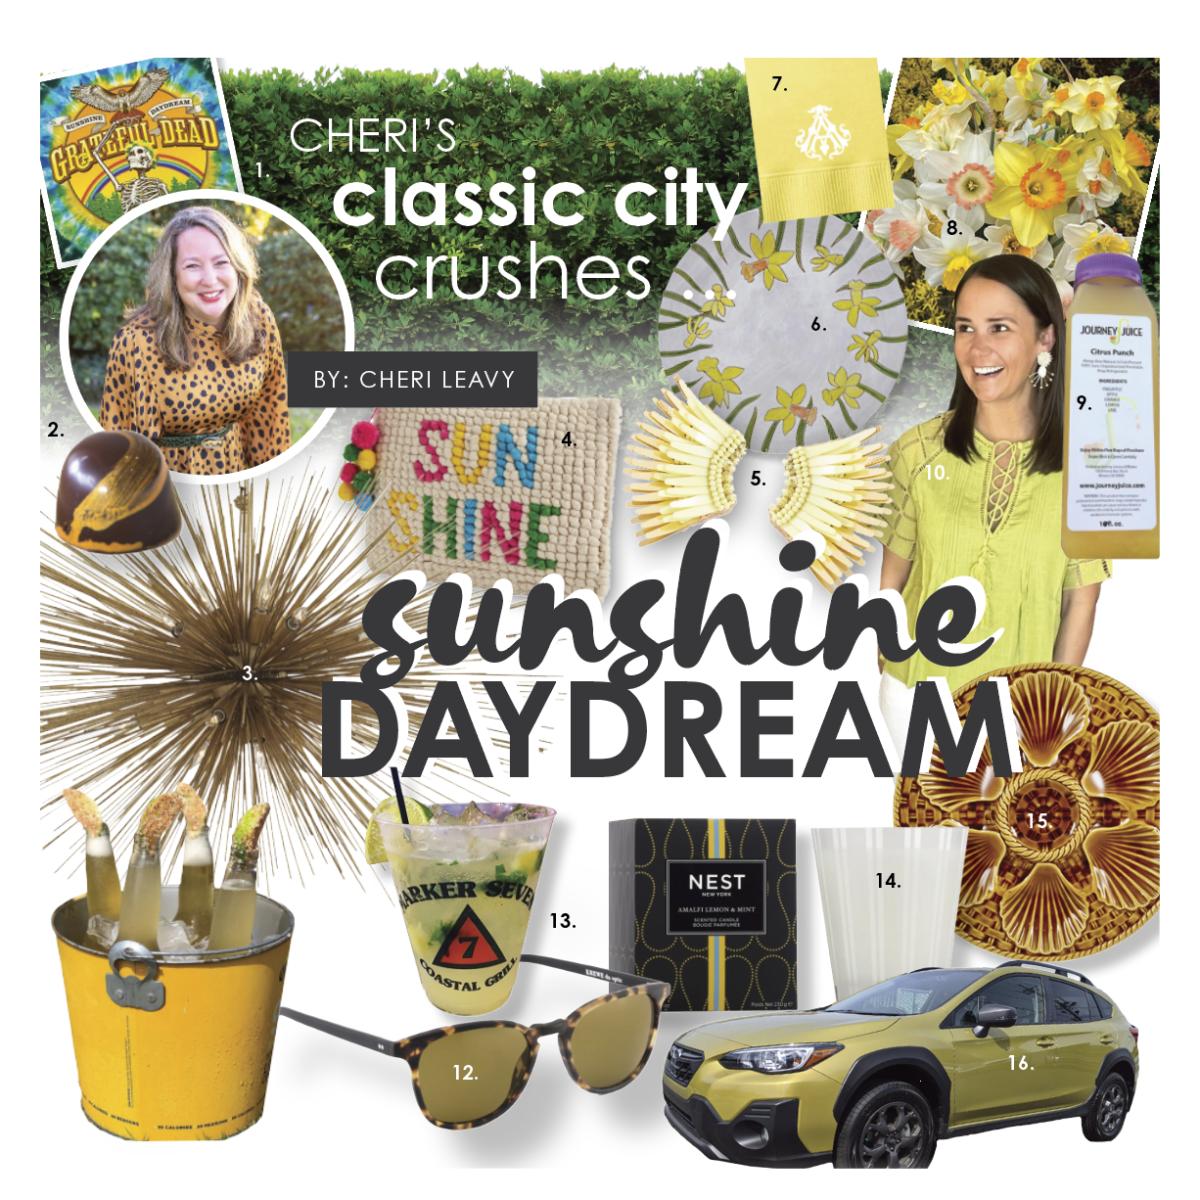 cheri's classic city crushes: sunshine daydream